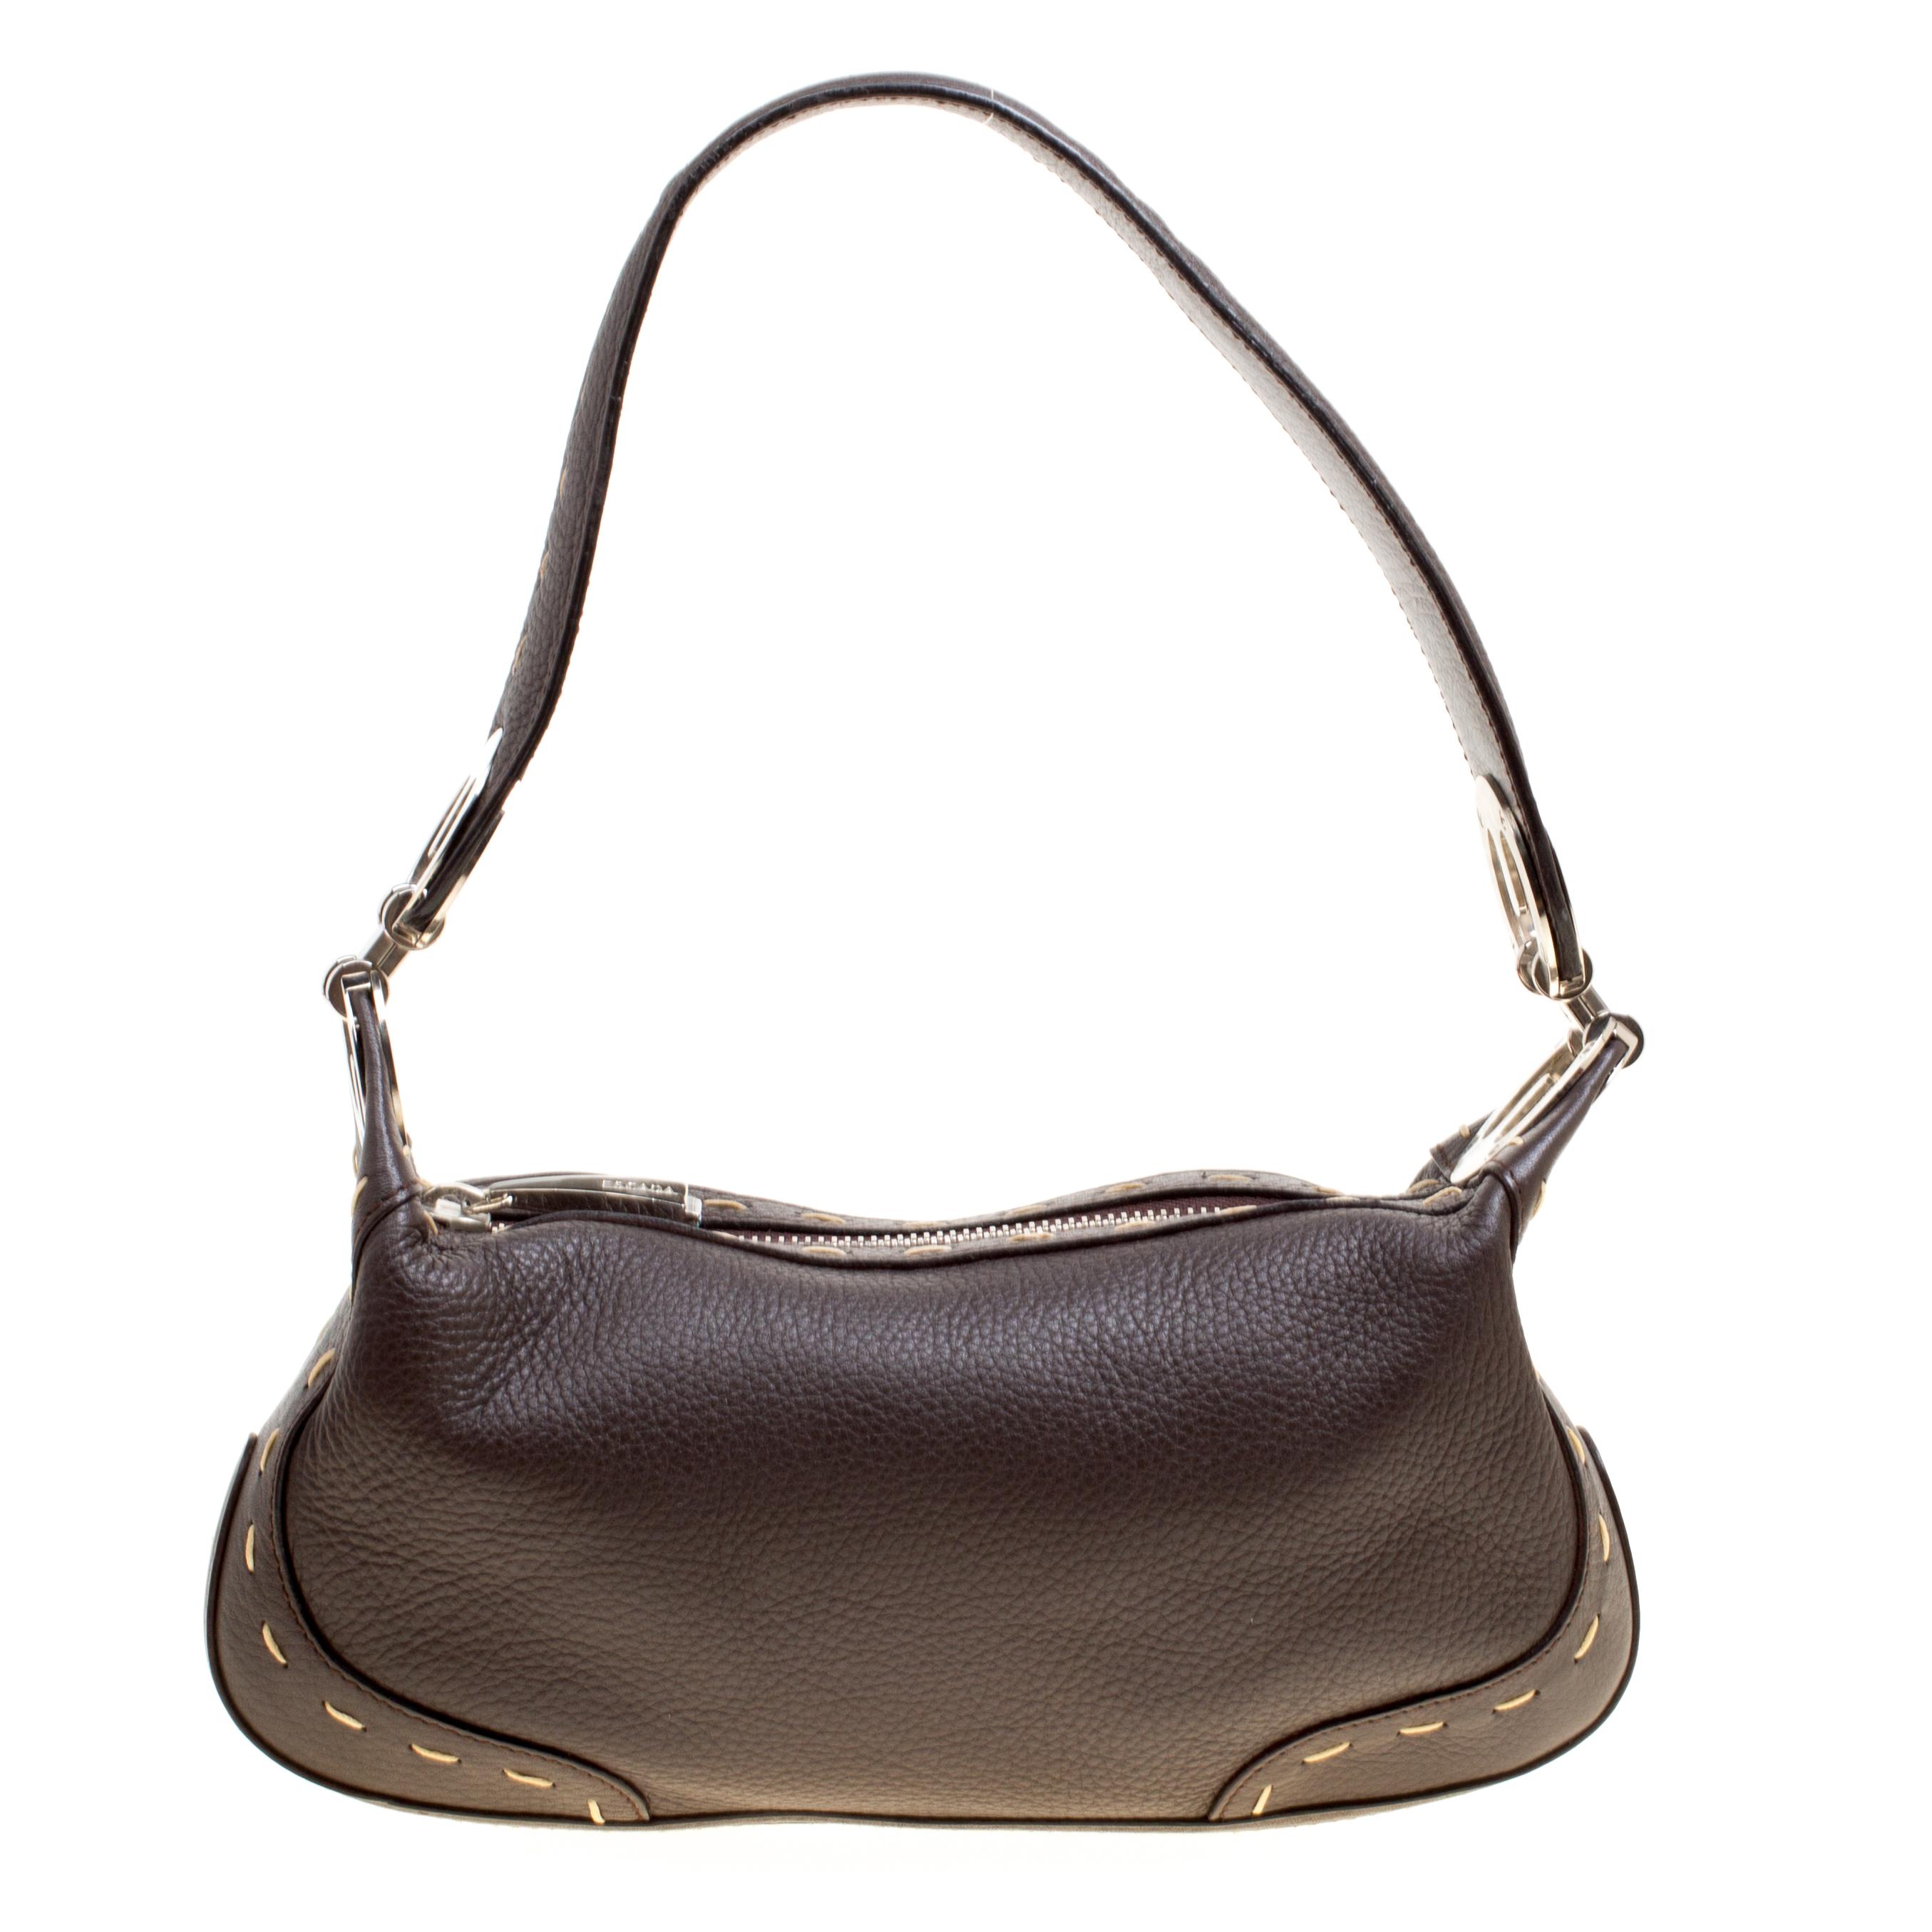 Buy Escada Dark Brown Leather Small Eluna Shoulder Bag 161646 at ... d0d44d81112a7